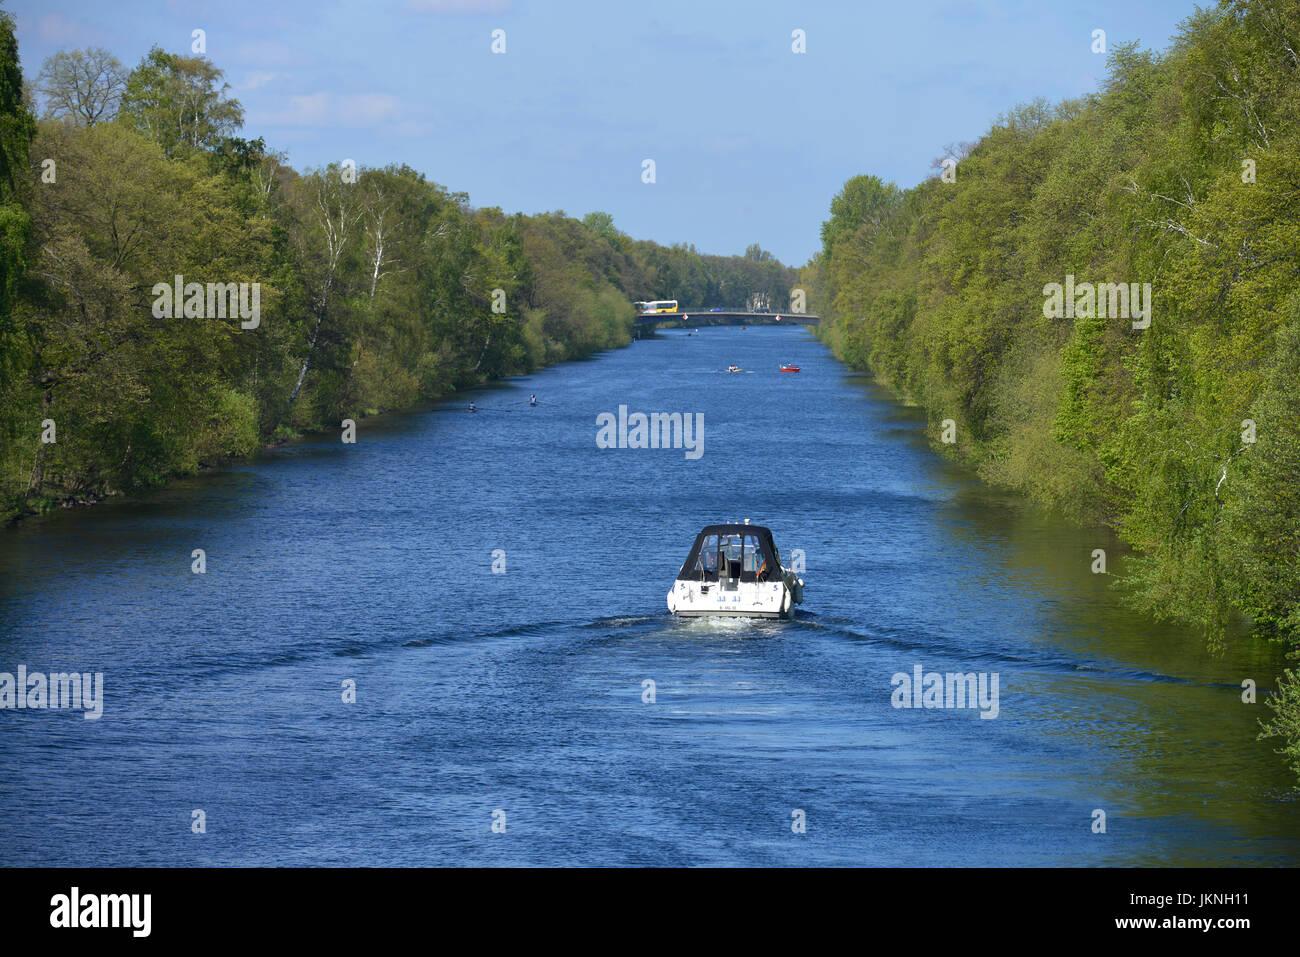 Berlin chip duration navigation canal, Charlottenburg, Berlin, Germany, Berlin Spandauer Schifffahrtskanal, Deutschland - Stock Image